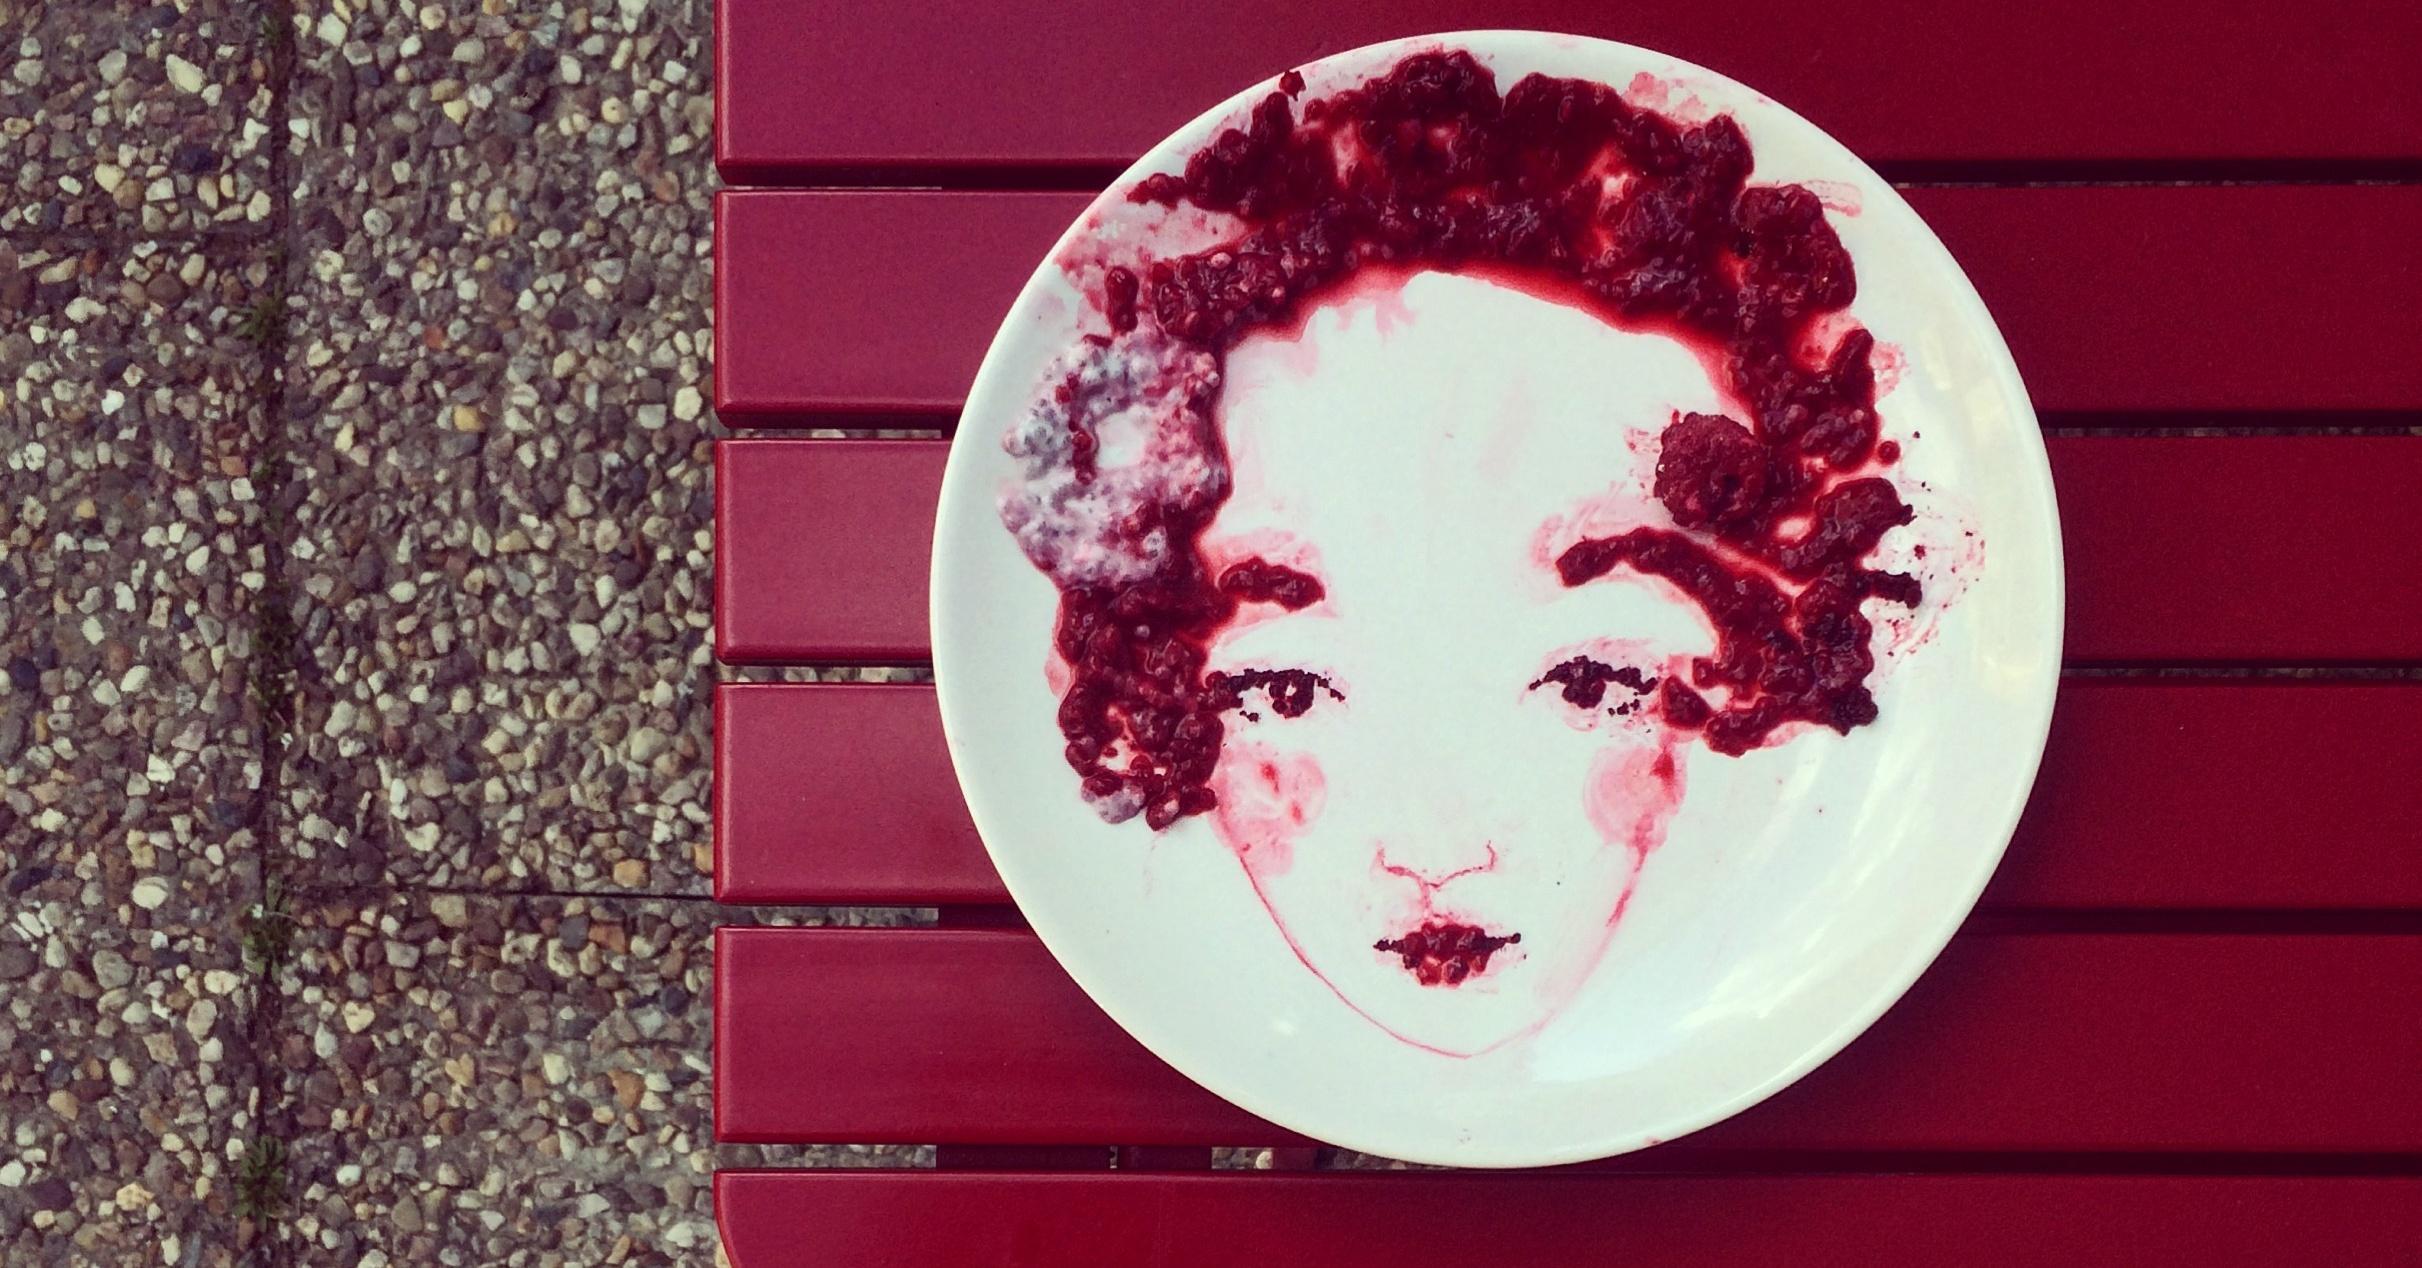 Česká umělkyně vytváří obrazy i ze zbytků dortu na talíři